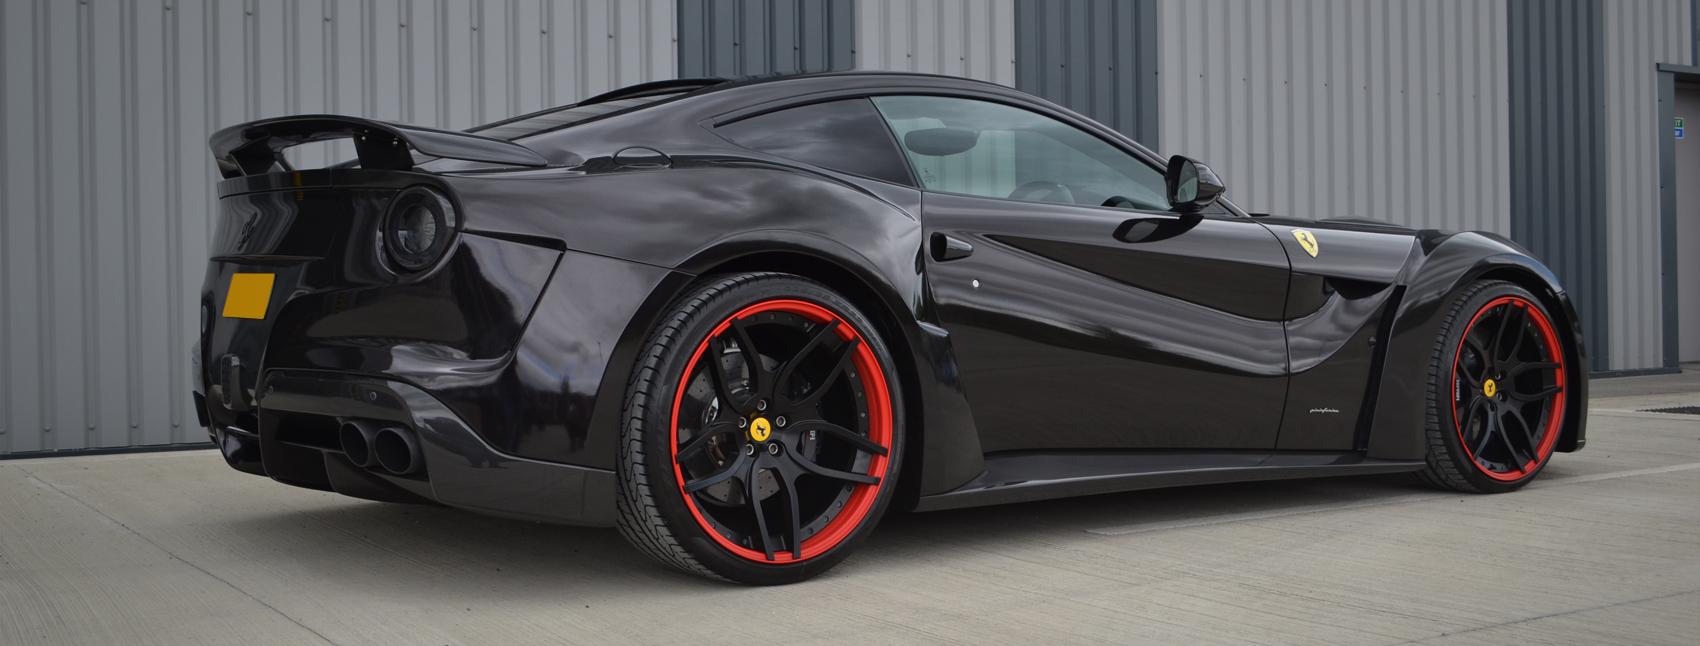 Ferrari F12 Ember Black Wrap Banner